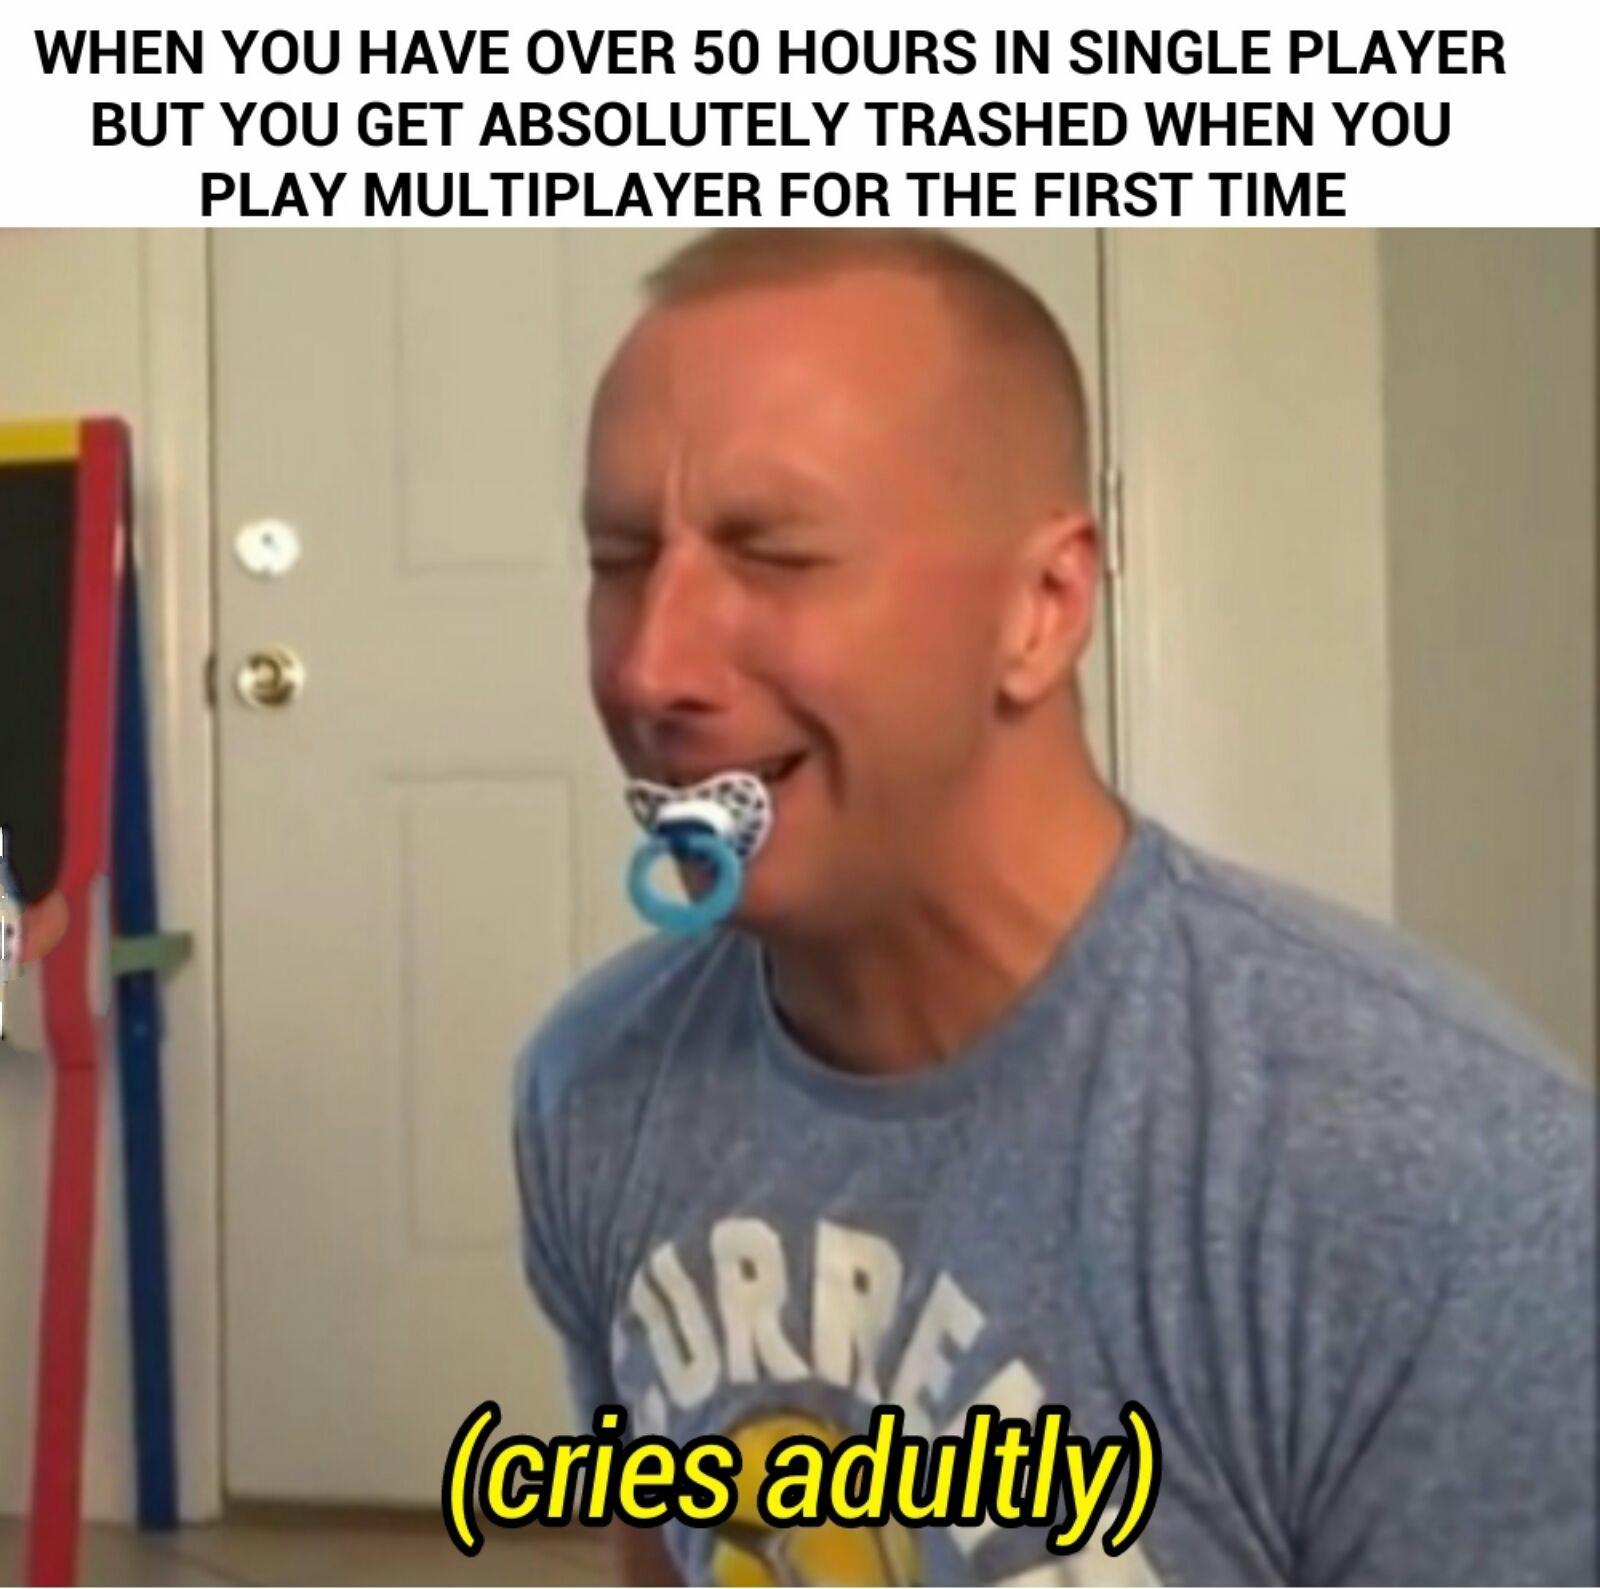 Fresh meme from the market!